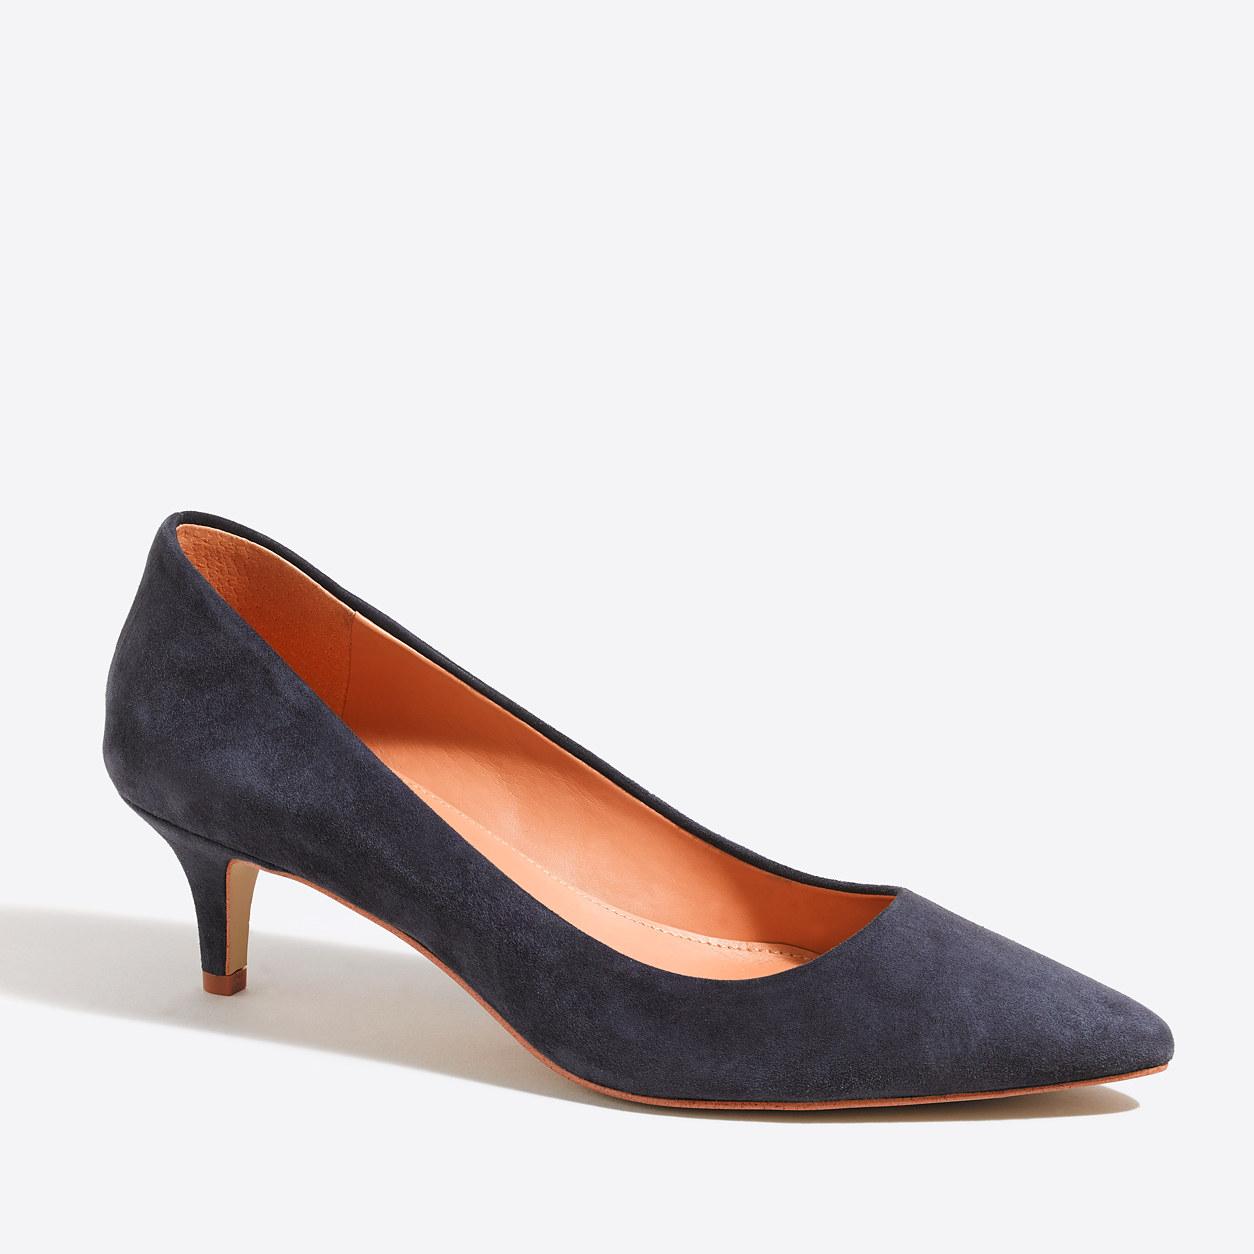 Women&39s Heels : Women&39s Shoes   J.Crew Factory - Heels